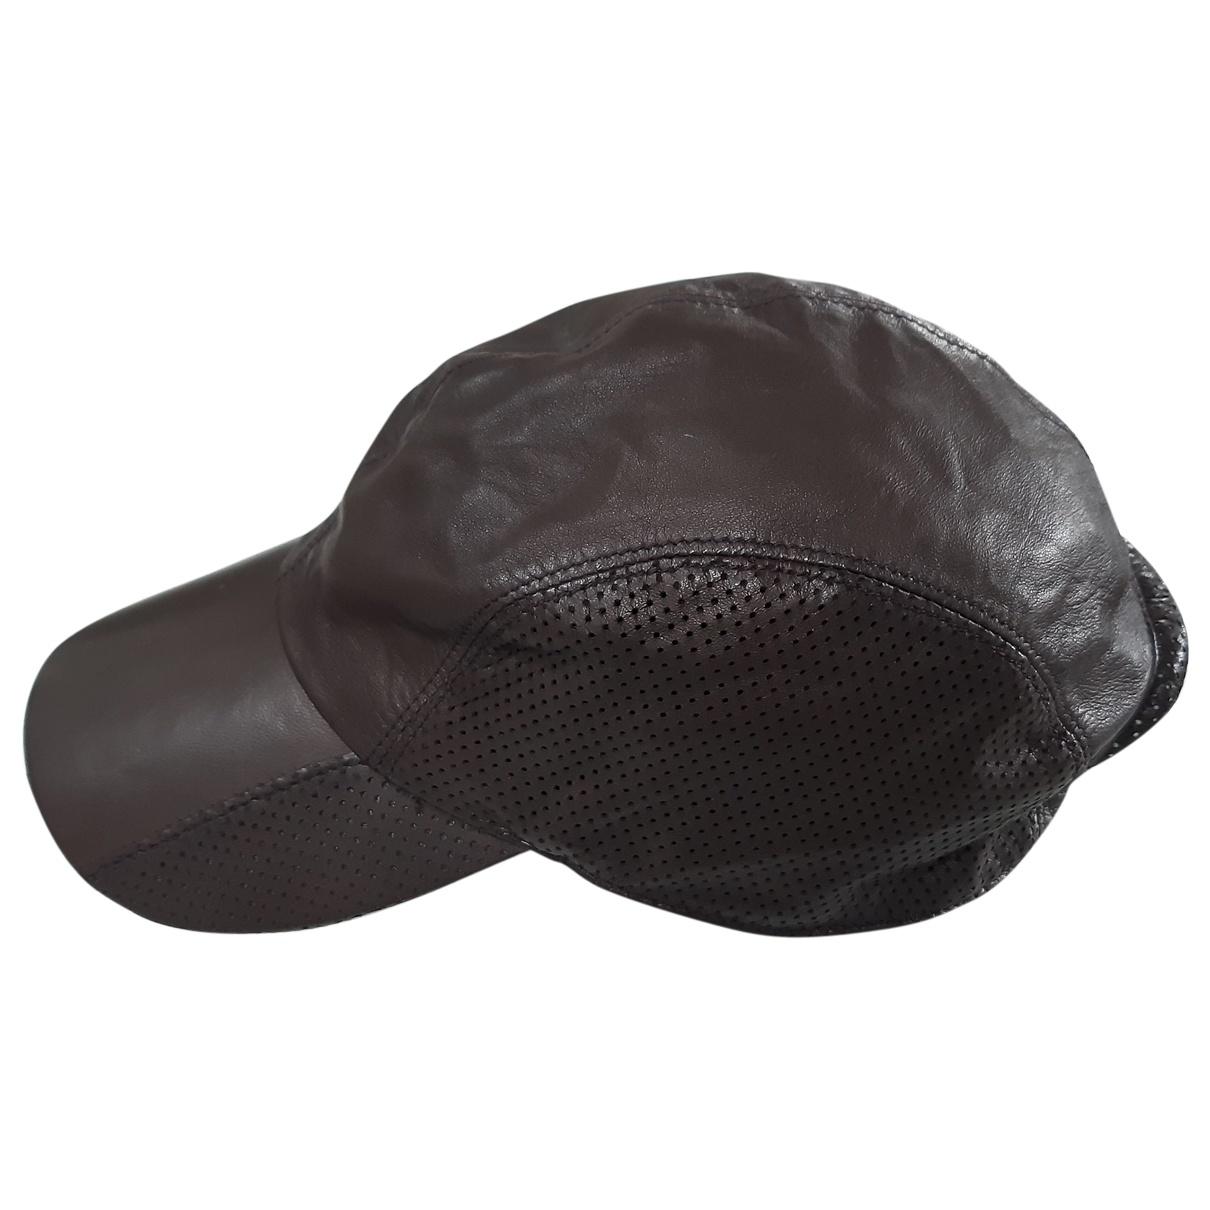 Giorgio Armani - Chapeau & Bonnets   pour homme en cuir - marron